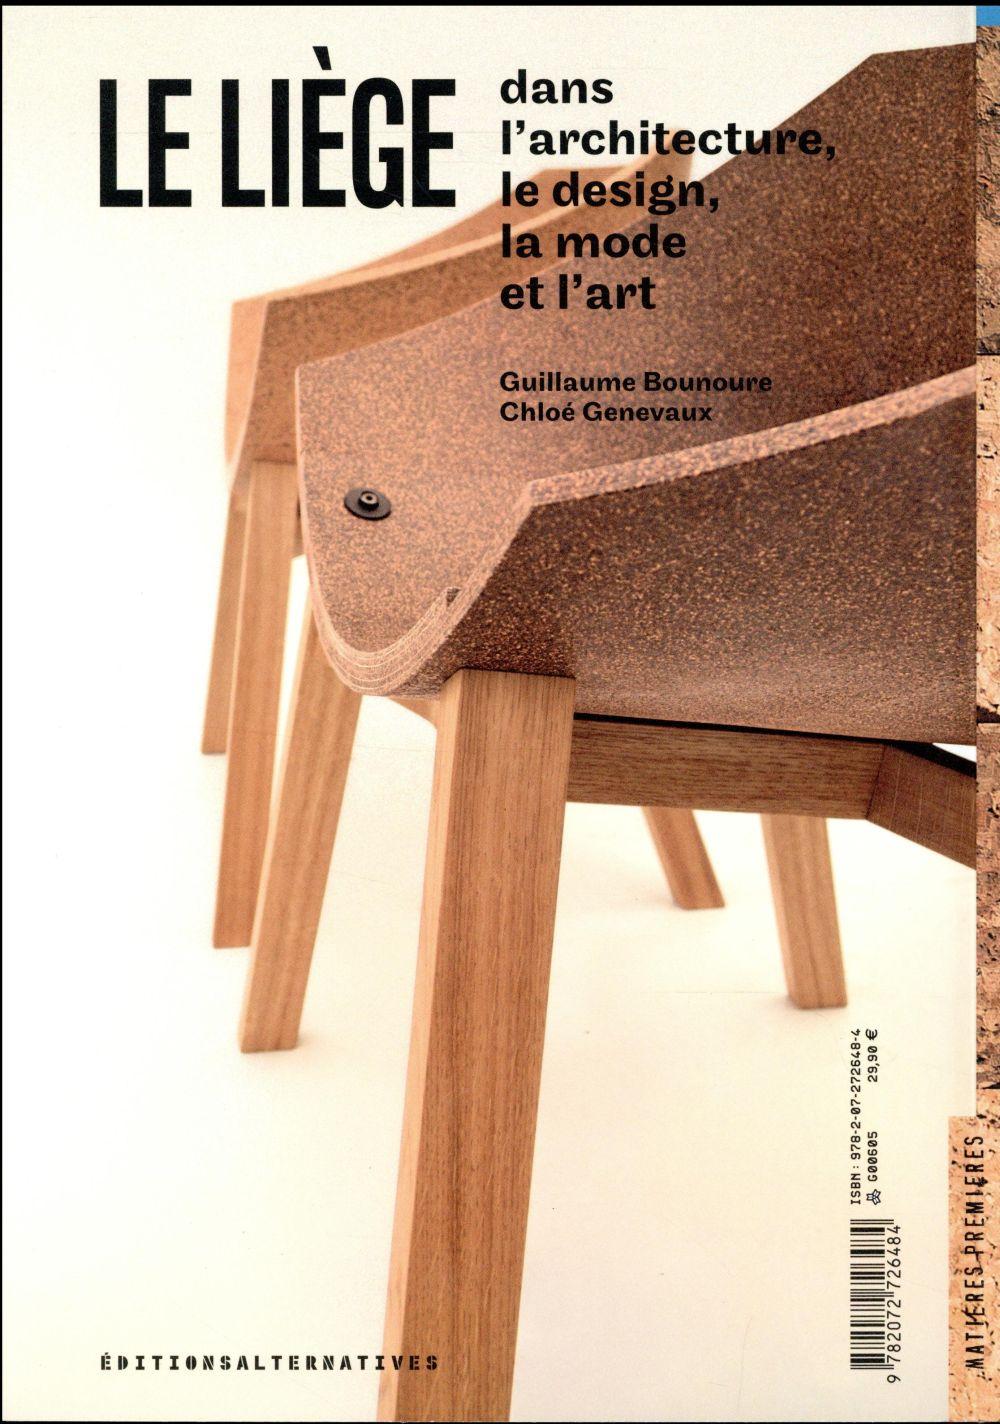 Le liège dans le design, l'architecture, la mode et l'art